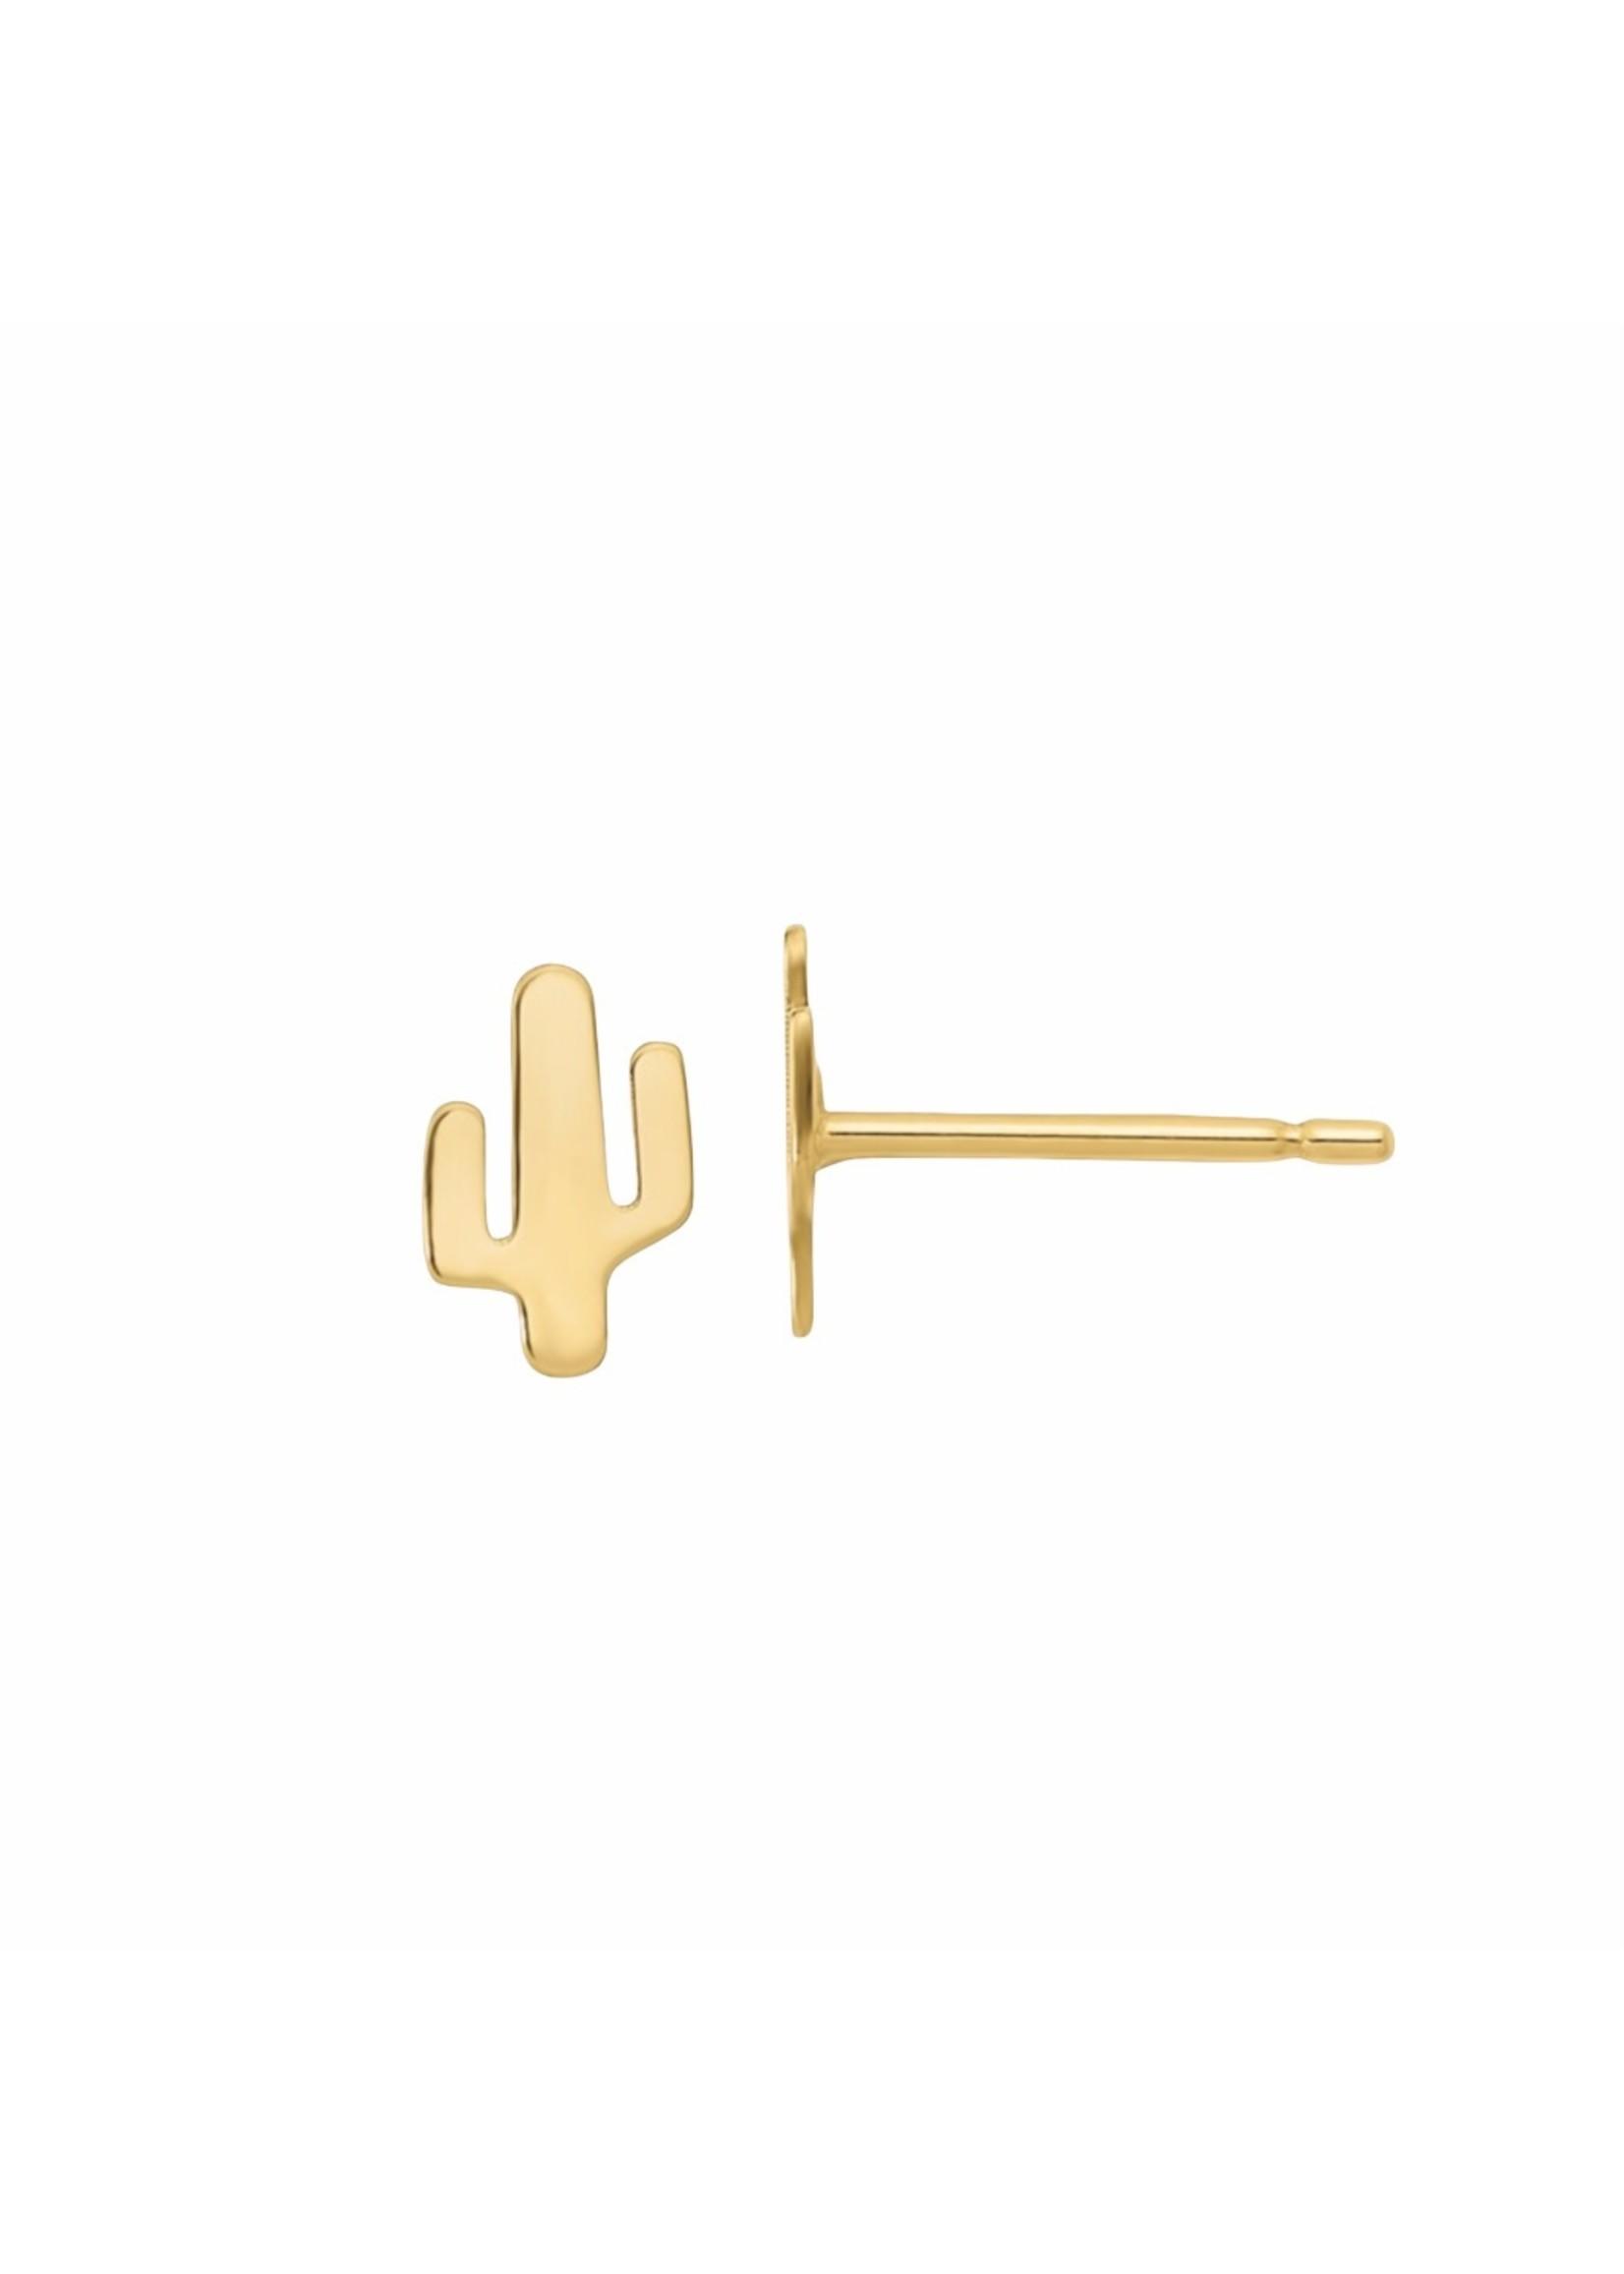 Jill Alberts Cactus Stud Earrings